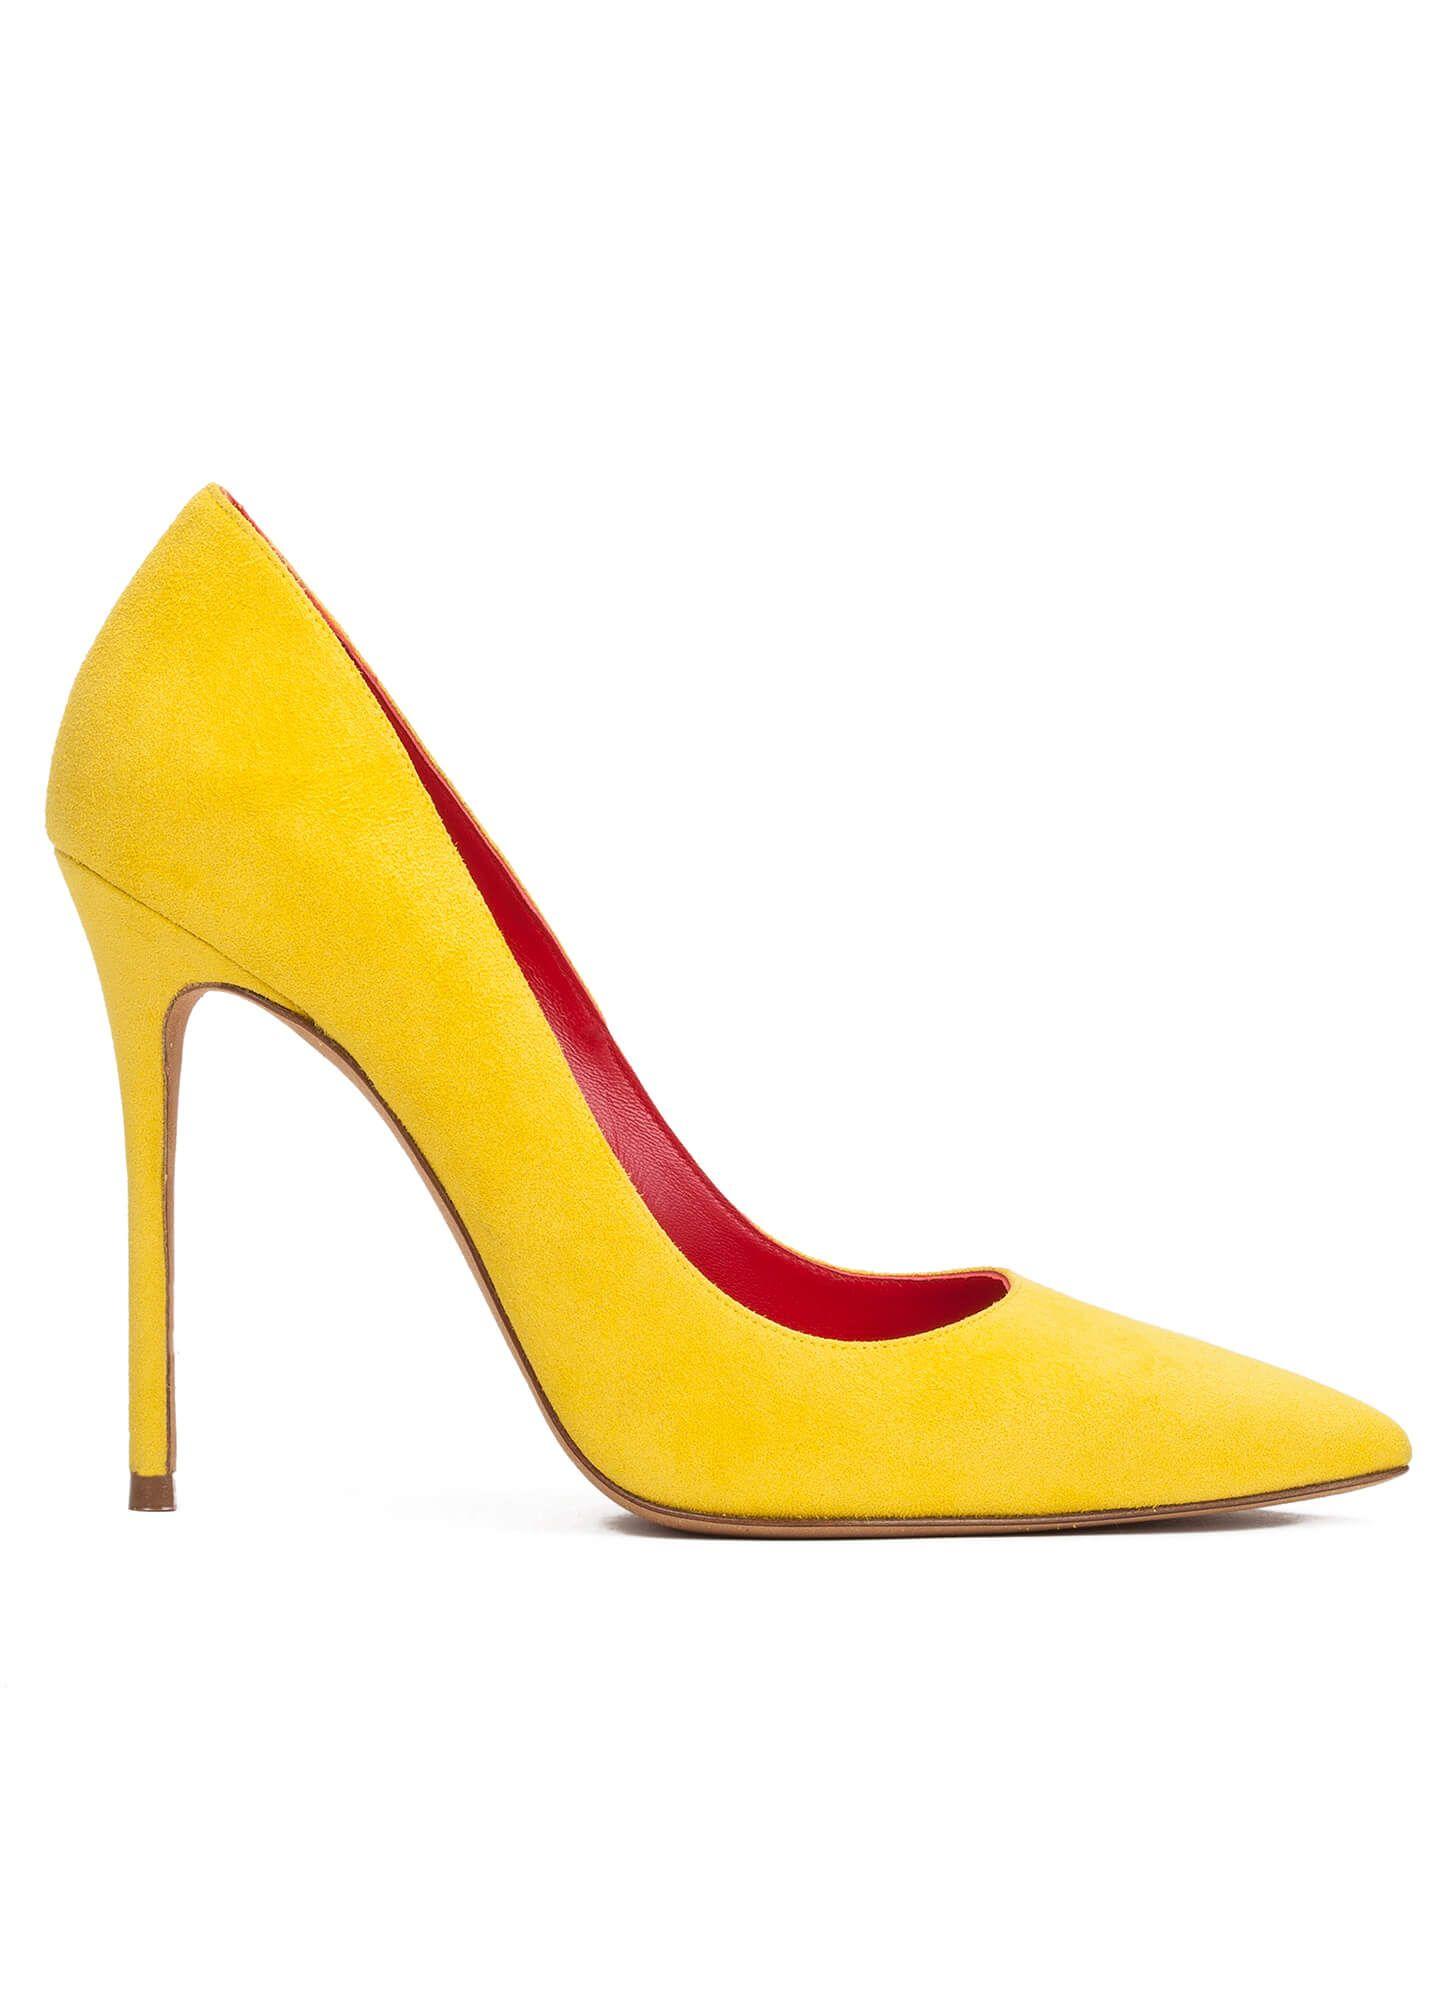 Yellow stilettos Zapatos de salón en ante amarillo